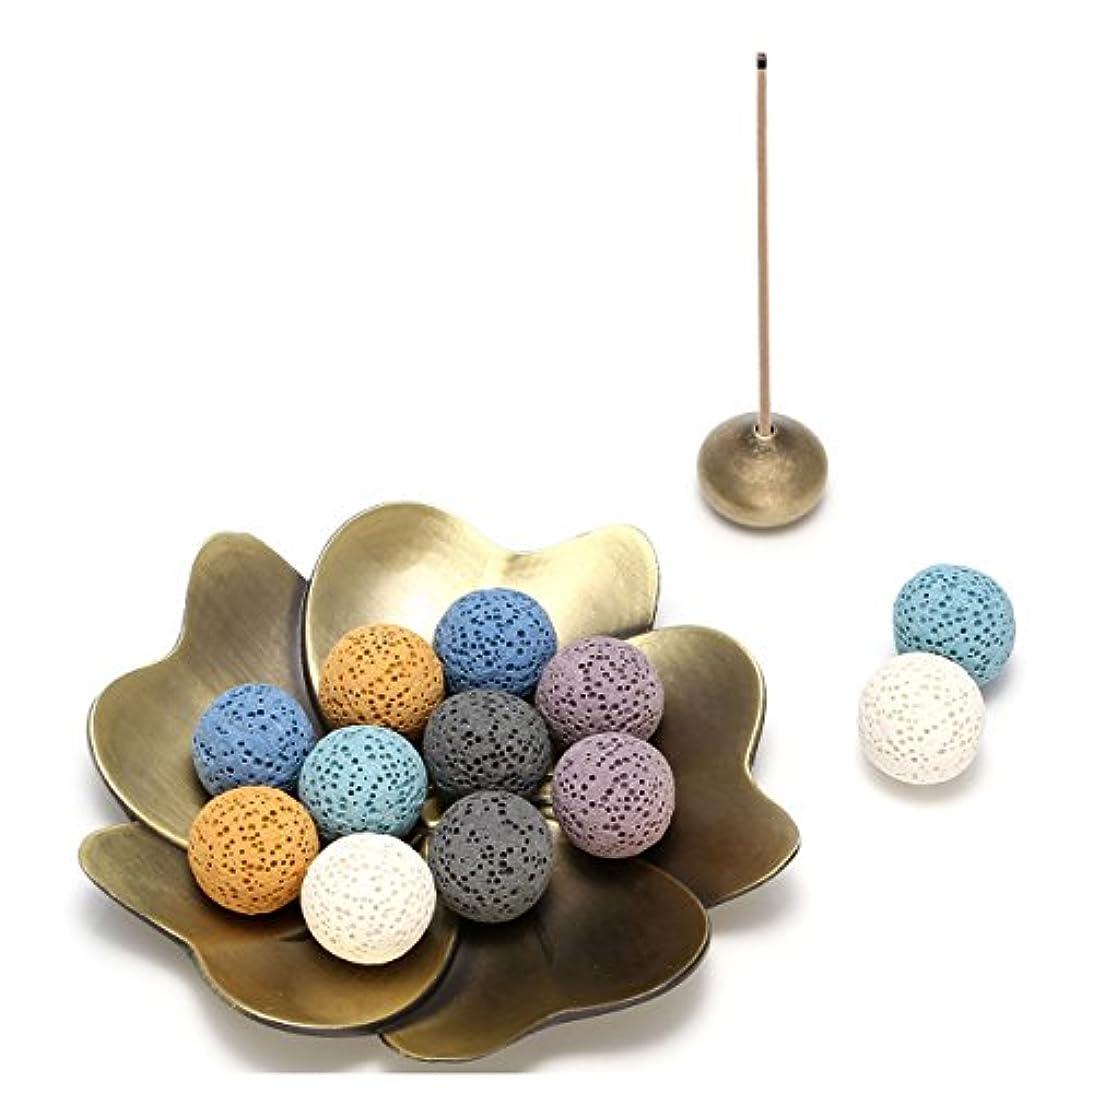 奨励しますウェイトレス丁寧(Lava Stone Ball Beads) - Jovivi 14 pcs Lava Stone Beads for Essential Oils W/Sakura Brass Incense Burner Stick Incense Holder - Aromatherapy Diffuser Decoration Set(Lava Stone Ball Beads)